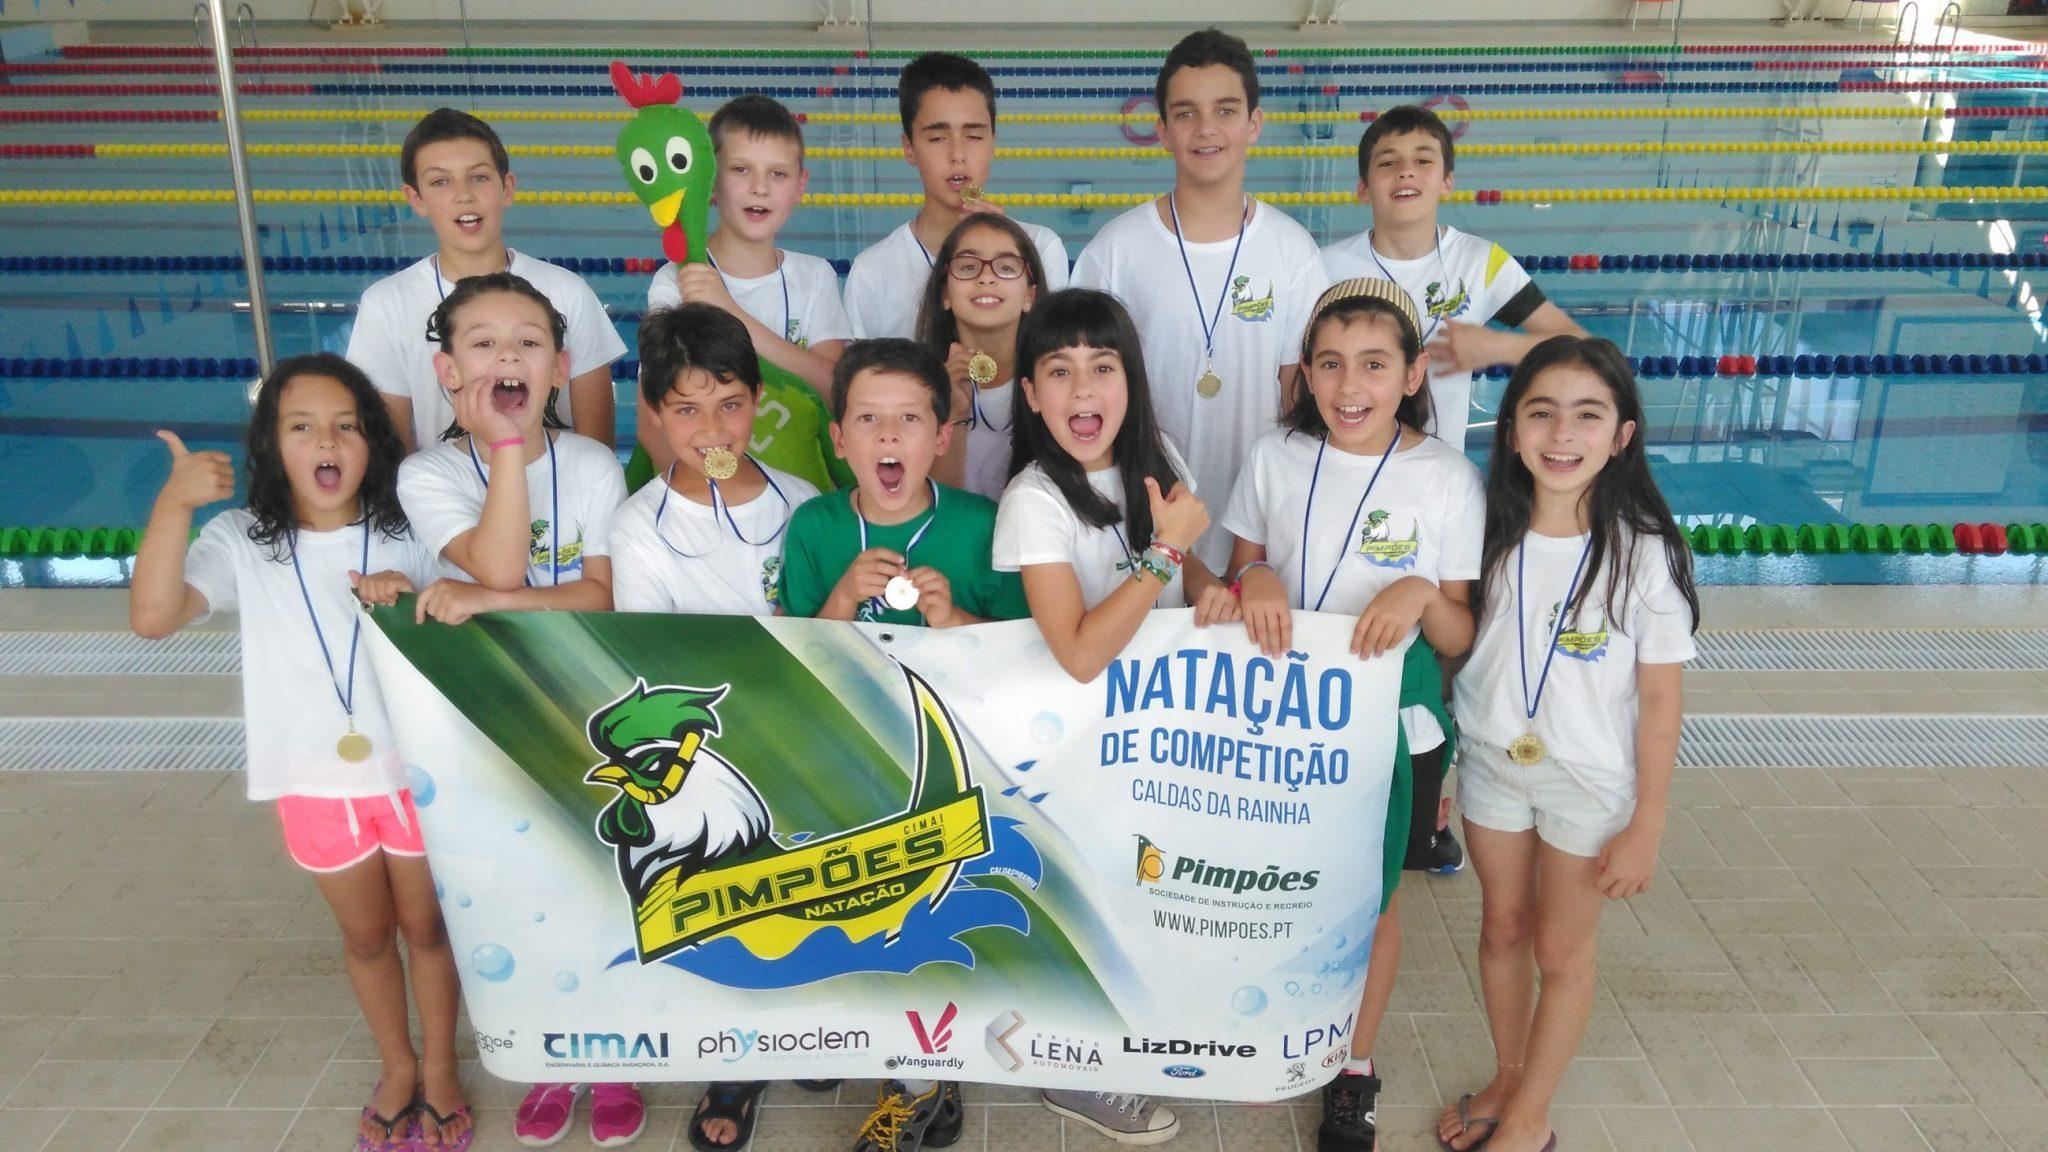 Bárbara Rodrigues, José Marques e Henrique Serrano conseguem ficar nos primeiros 12º lugares no 3º Torregri de Cadetes